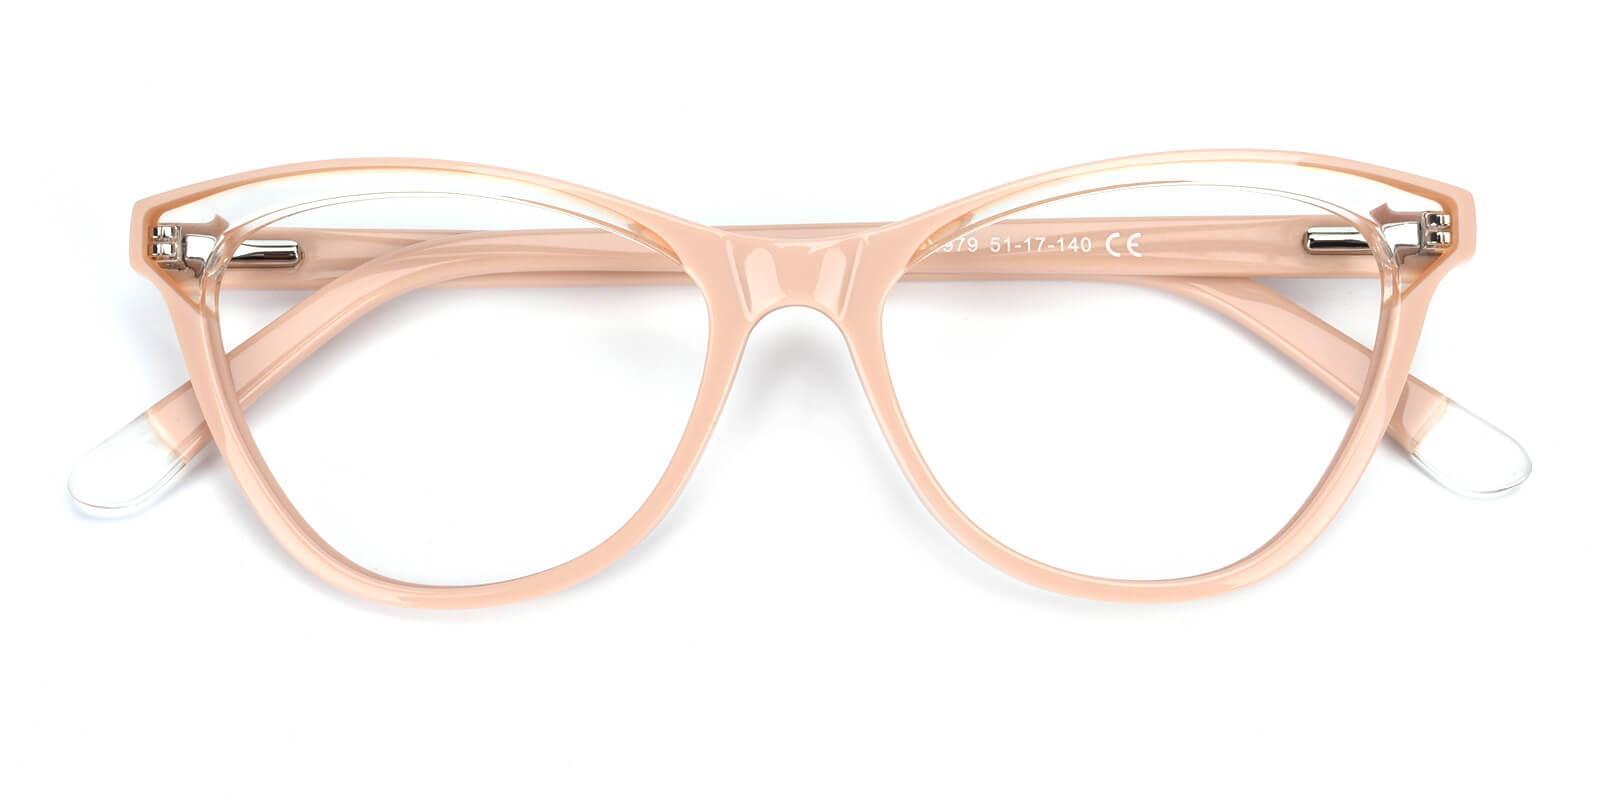 Florencer-Pink-Oval / Cat-Acetate-Eyeglasses-detail